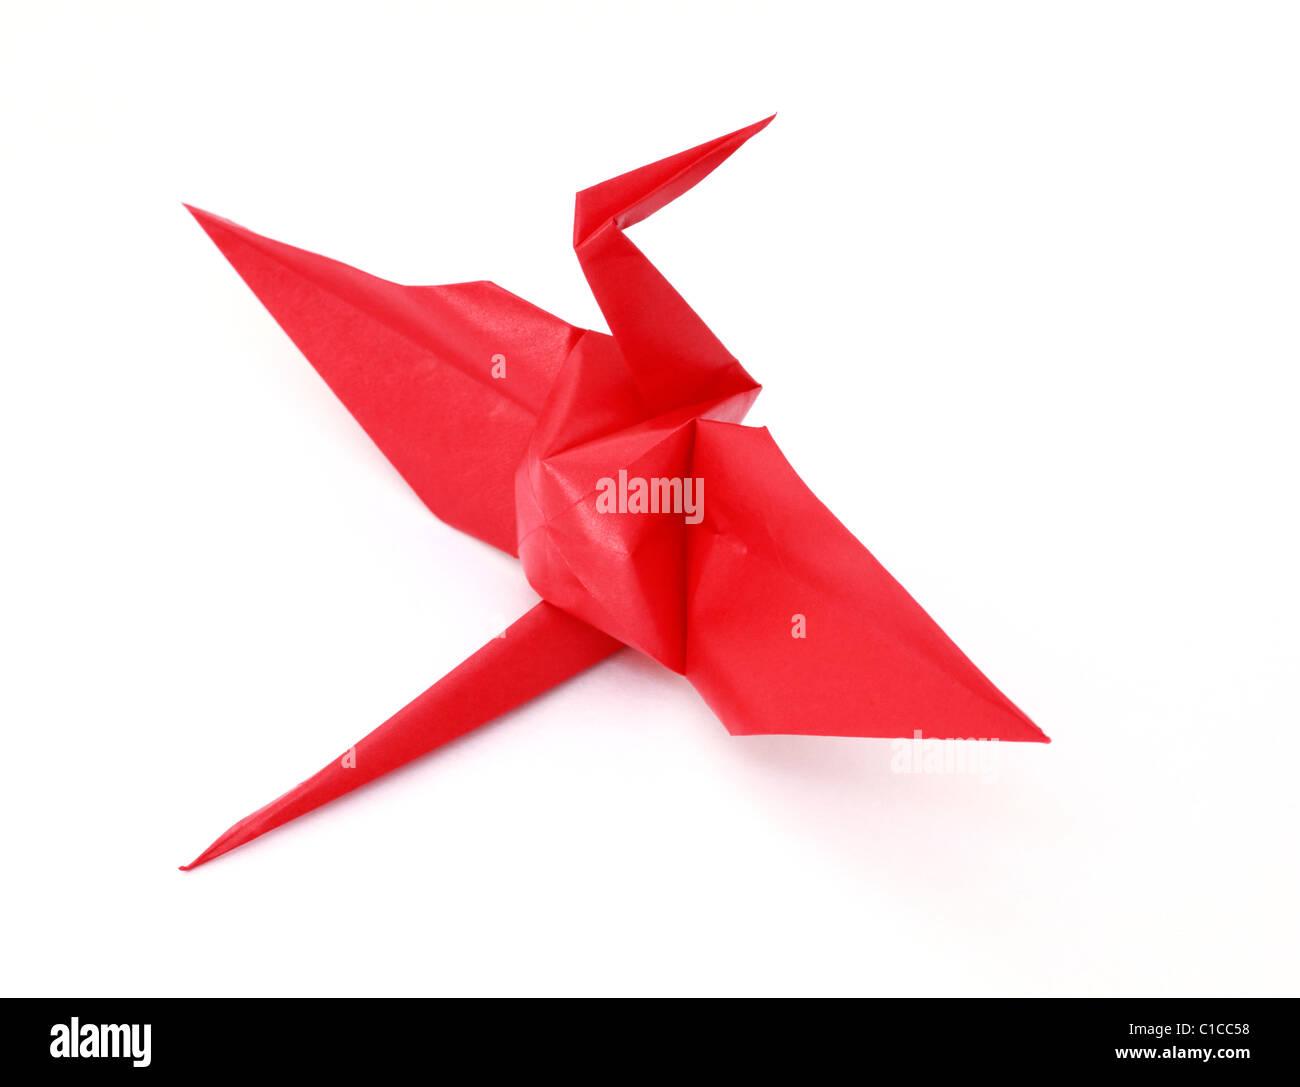 Nahaufnahme von einem roten Origami Vogel sitzen. Stockbild